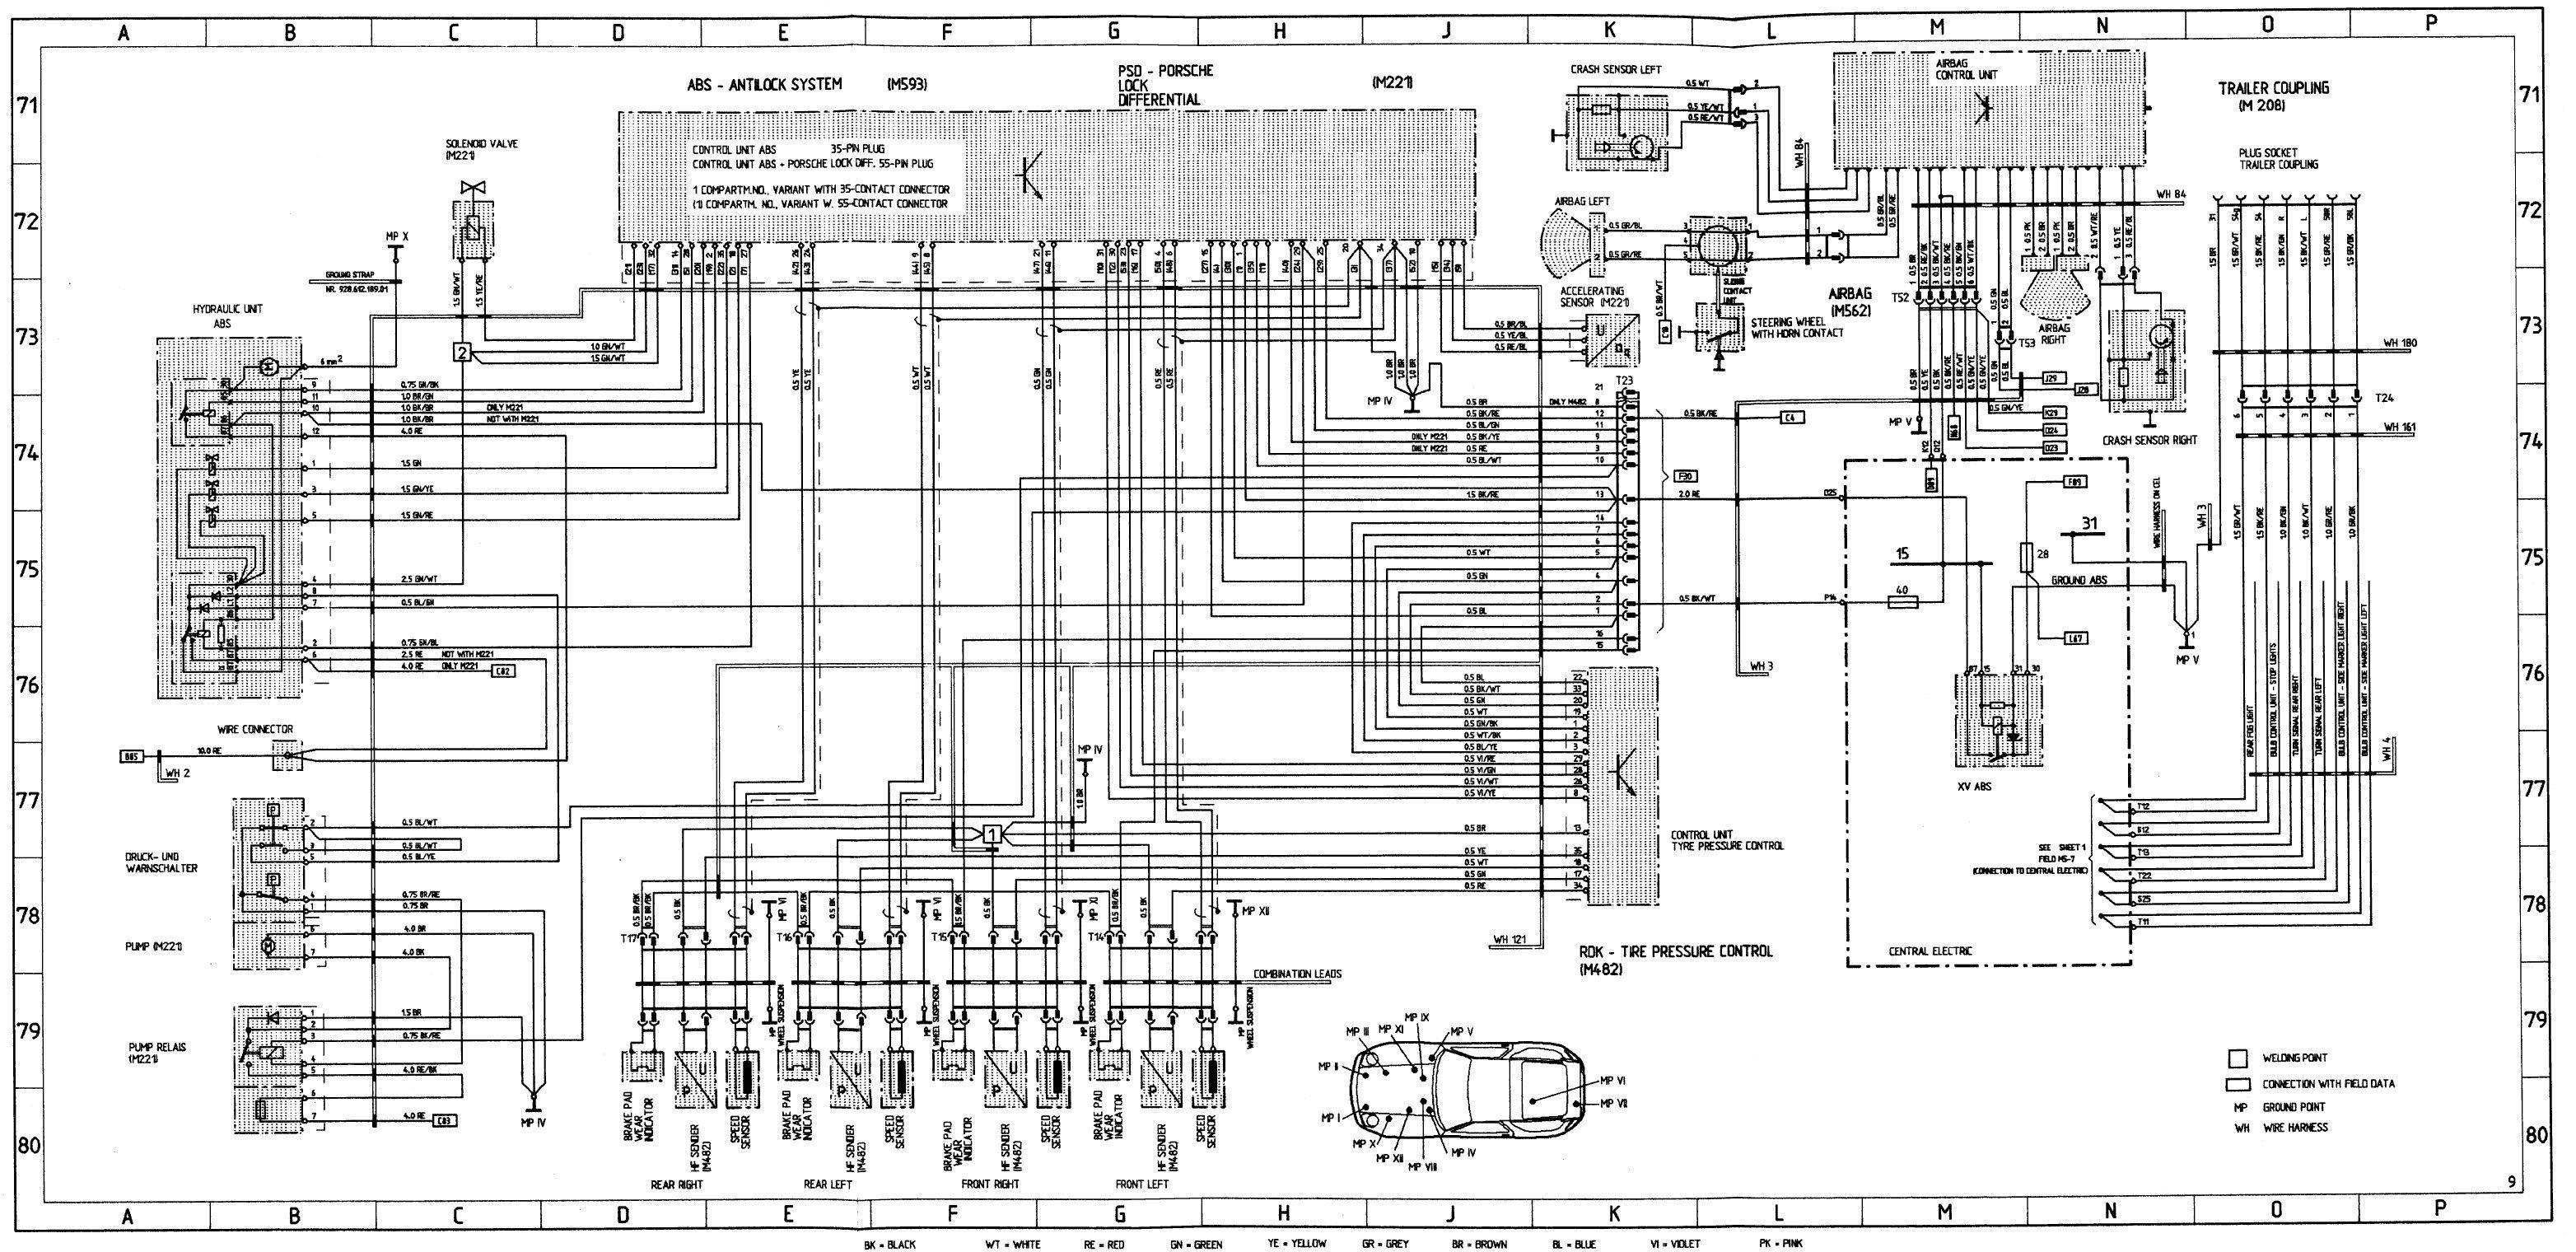 1970 Mustang Wiring Diagram Pdf